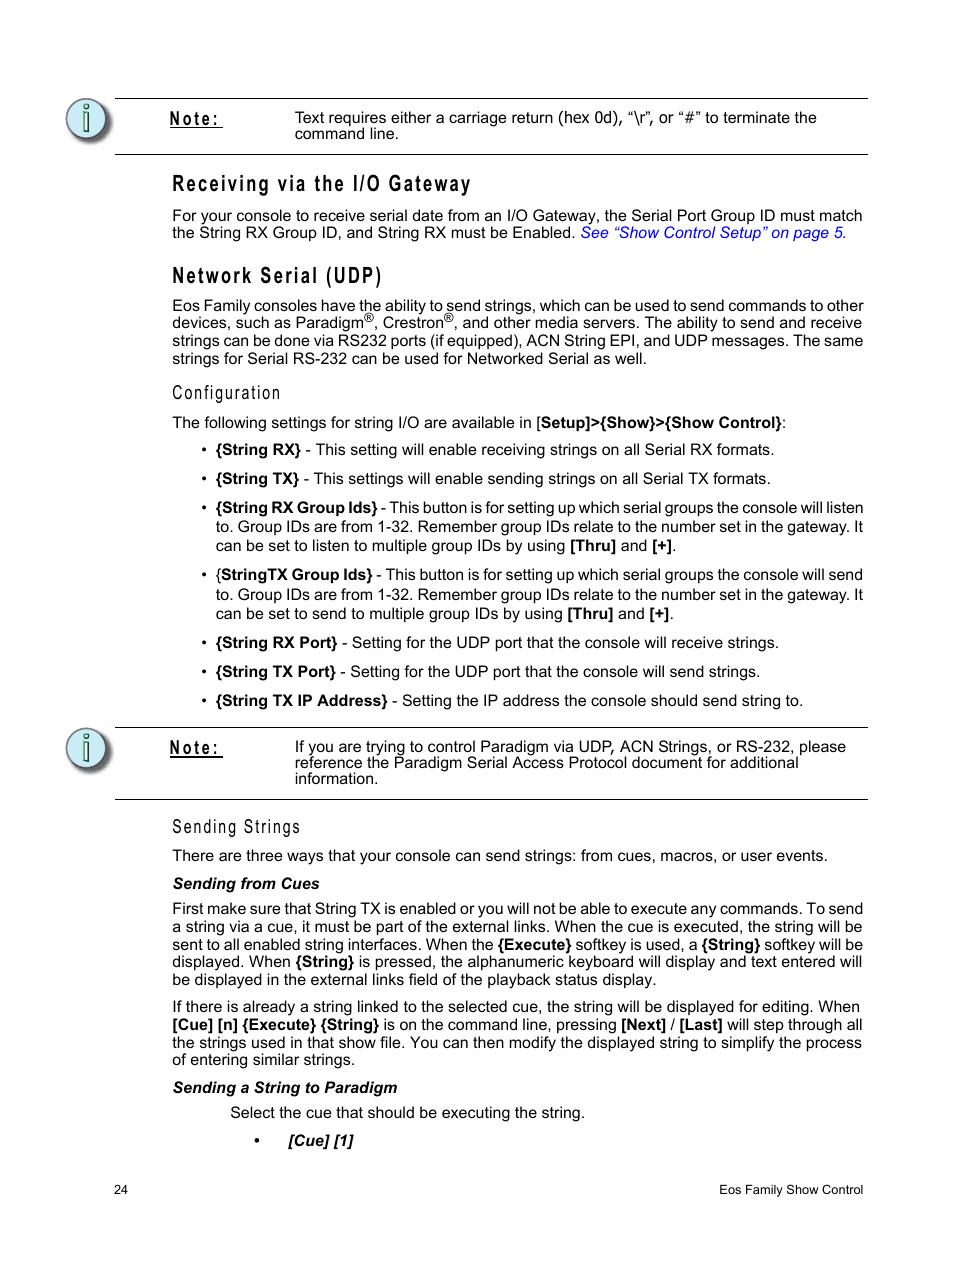 Receiving Via The I O Gateway Network Serial Udp Configuration